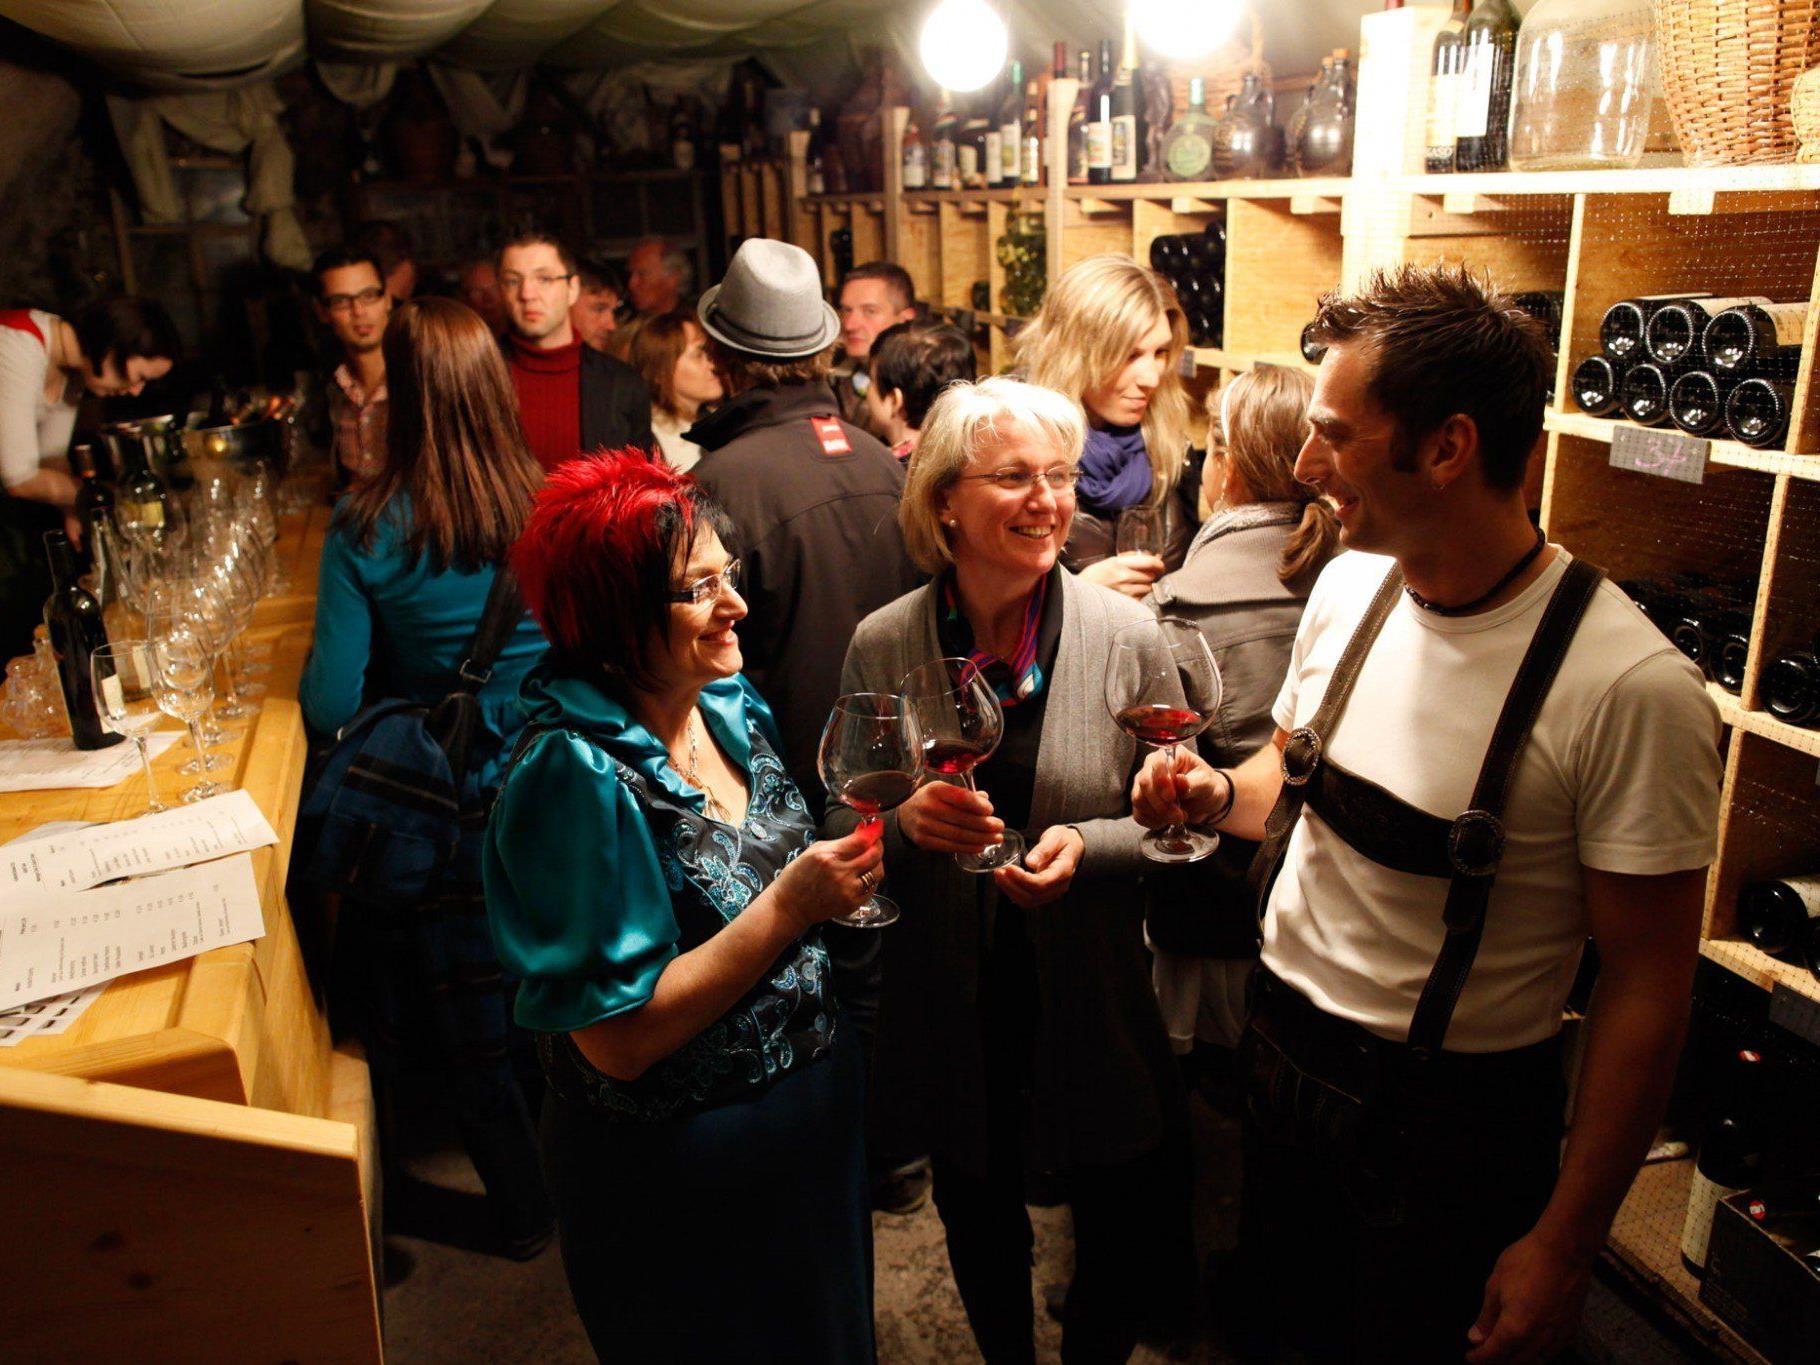 Beim Rankweiler Kellerfest werden in einmaligem Ambiente edle Tröpfchen serviert.